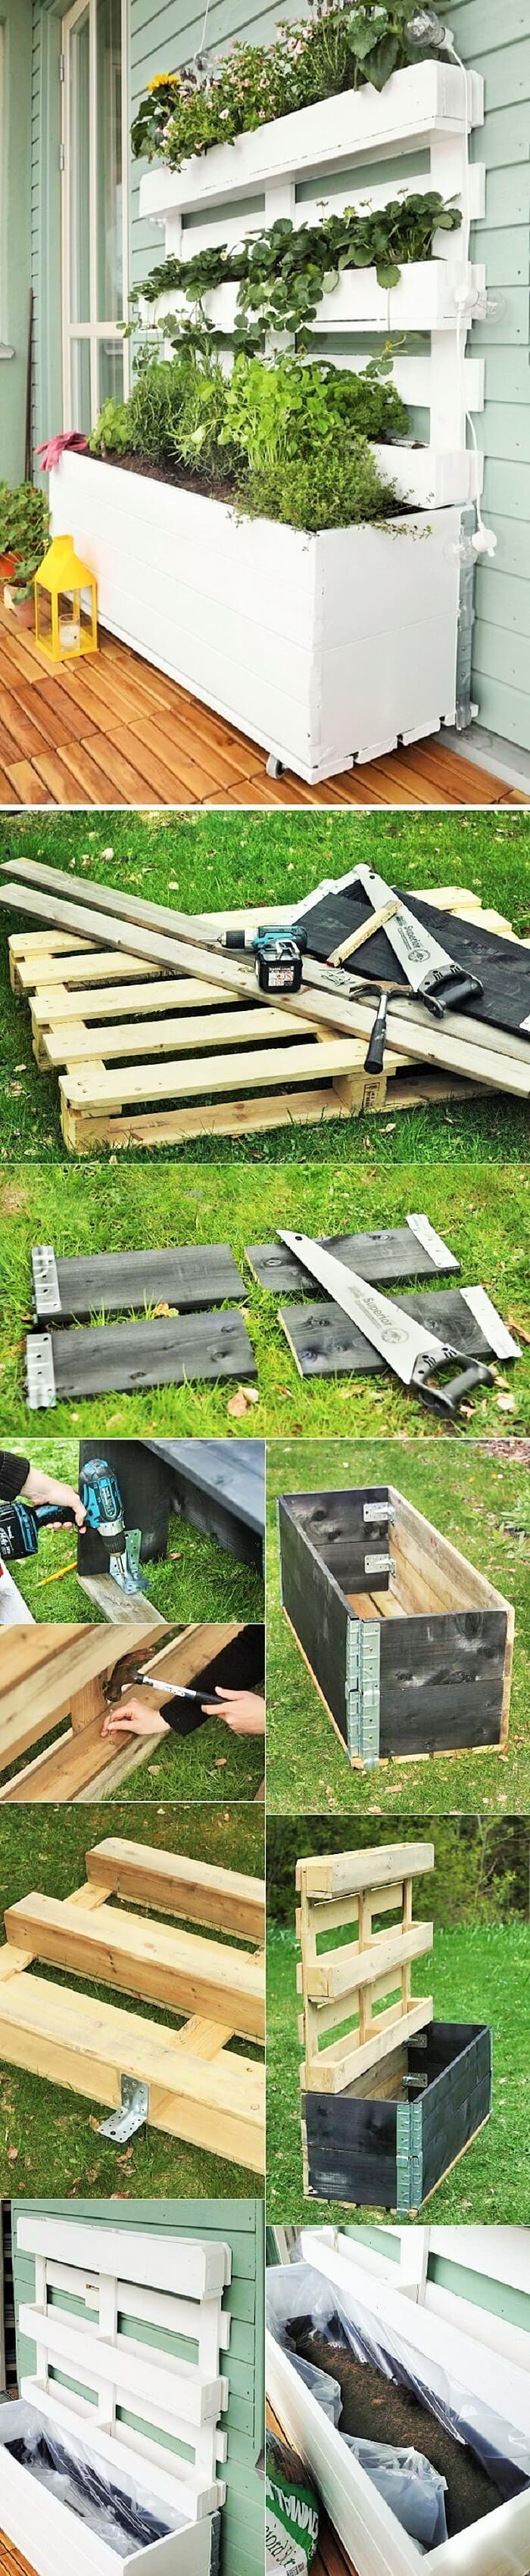 wood-pallet-planters-Ideas (2)